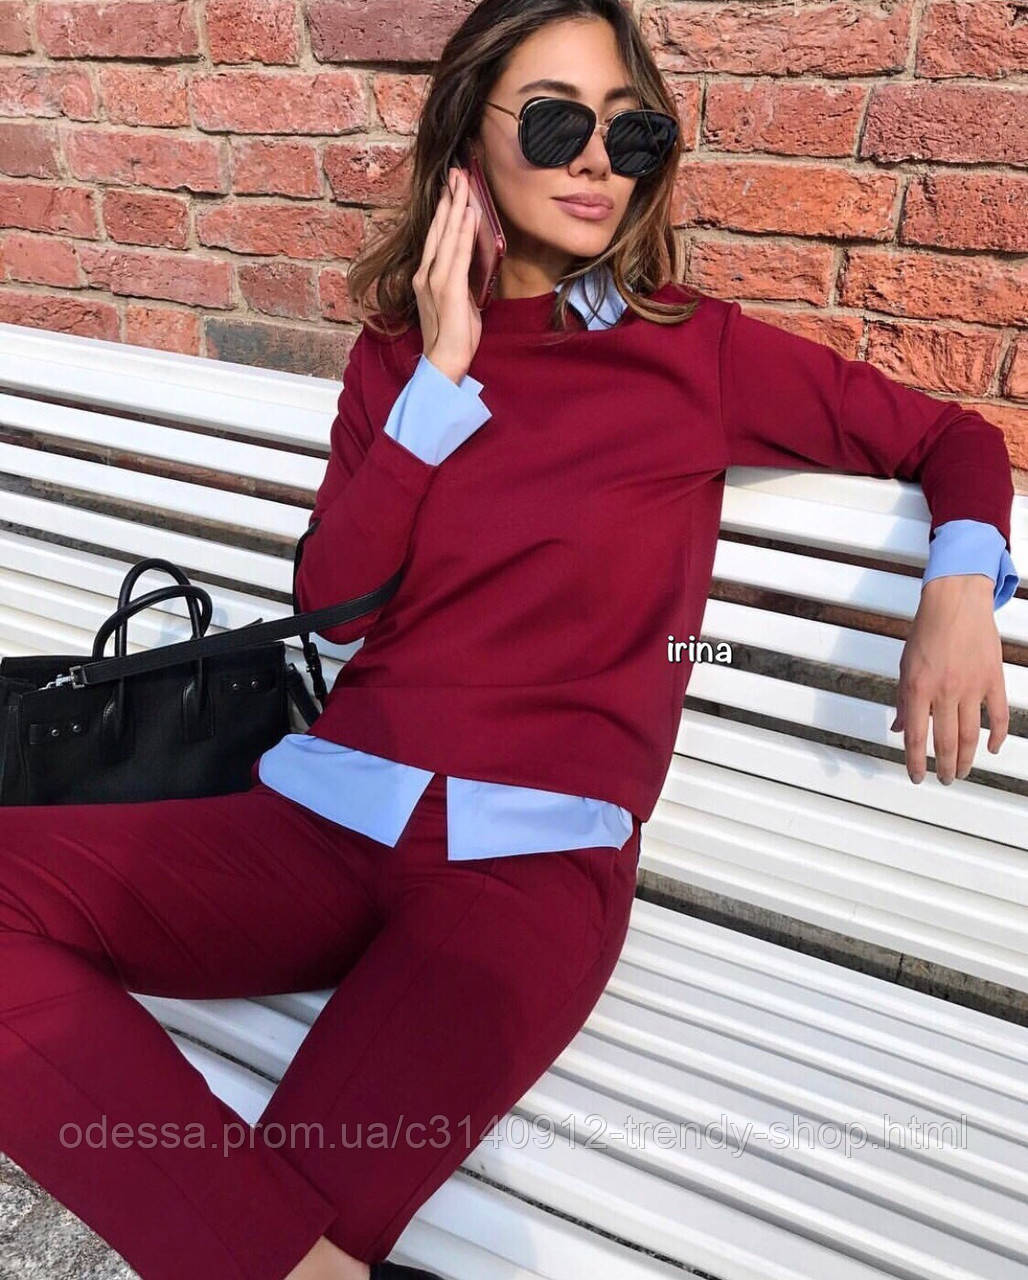 Костюм женский стильный чёрный, красный, бордо, беж, бутылка, графит, голубой